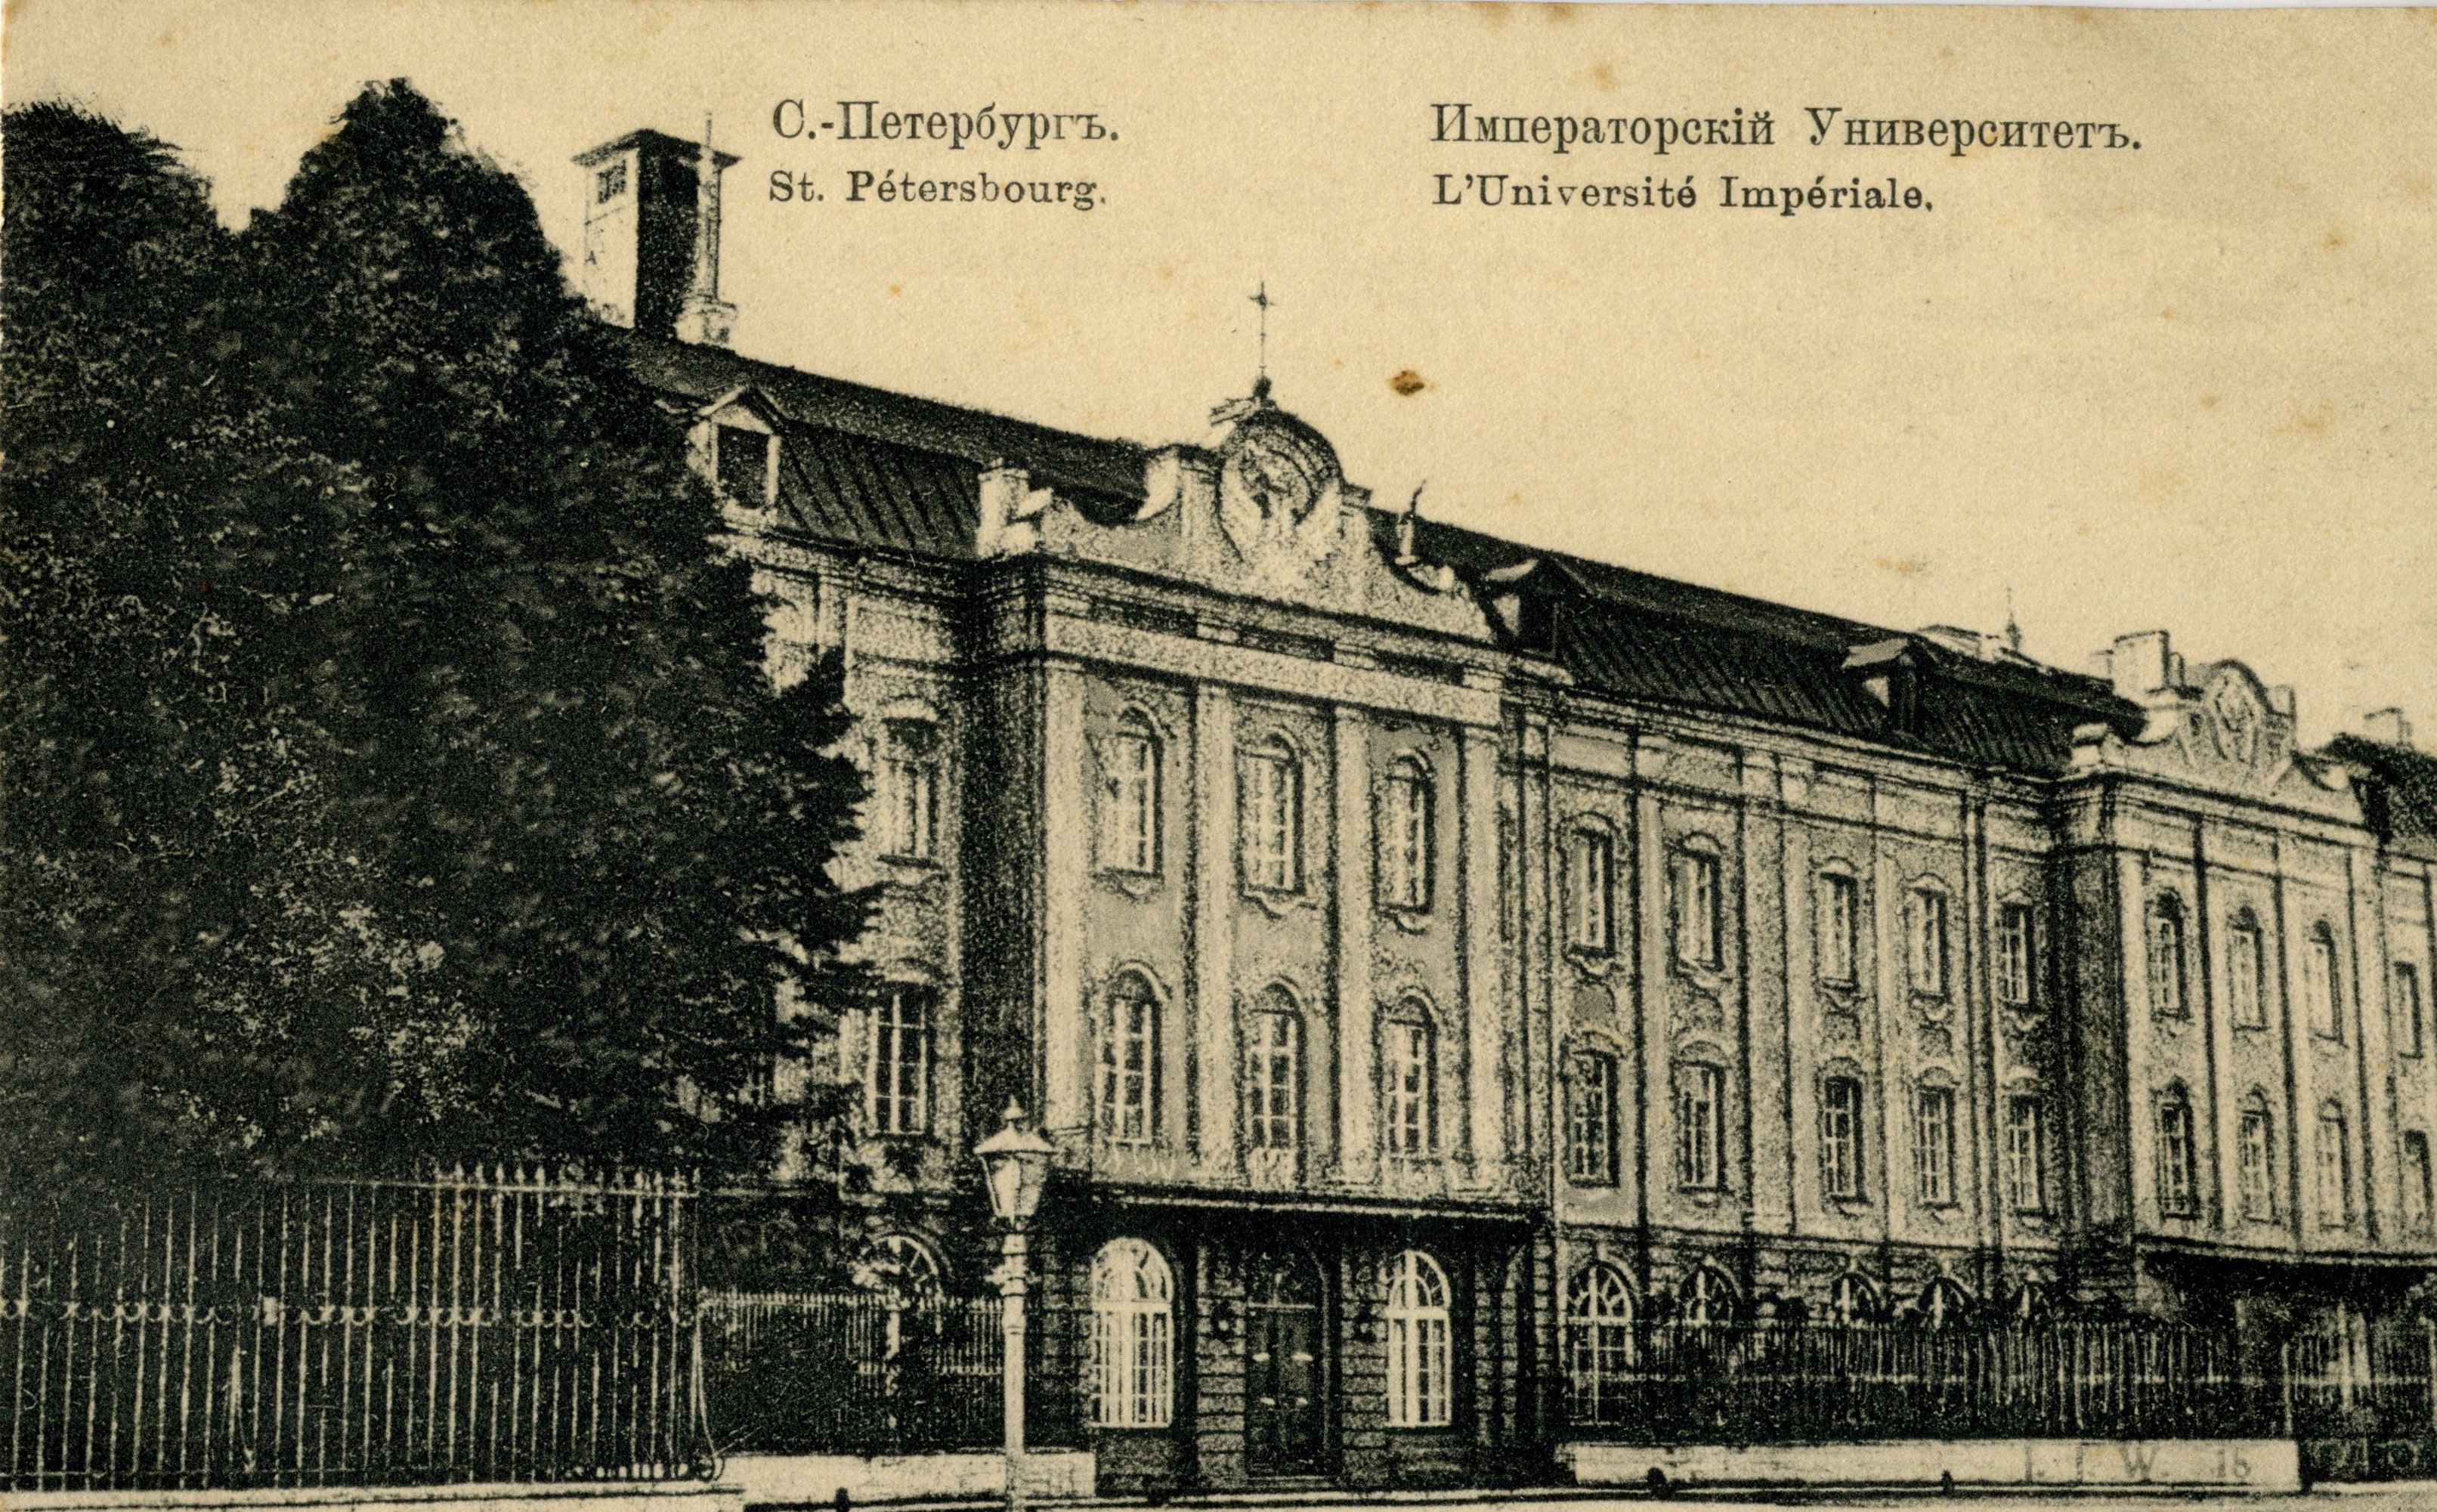 популярные императорские университеты россии картинки особенность позволяет